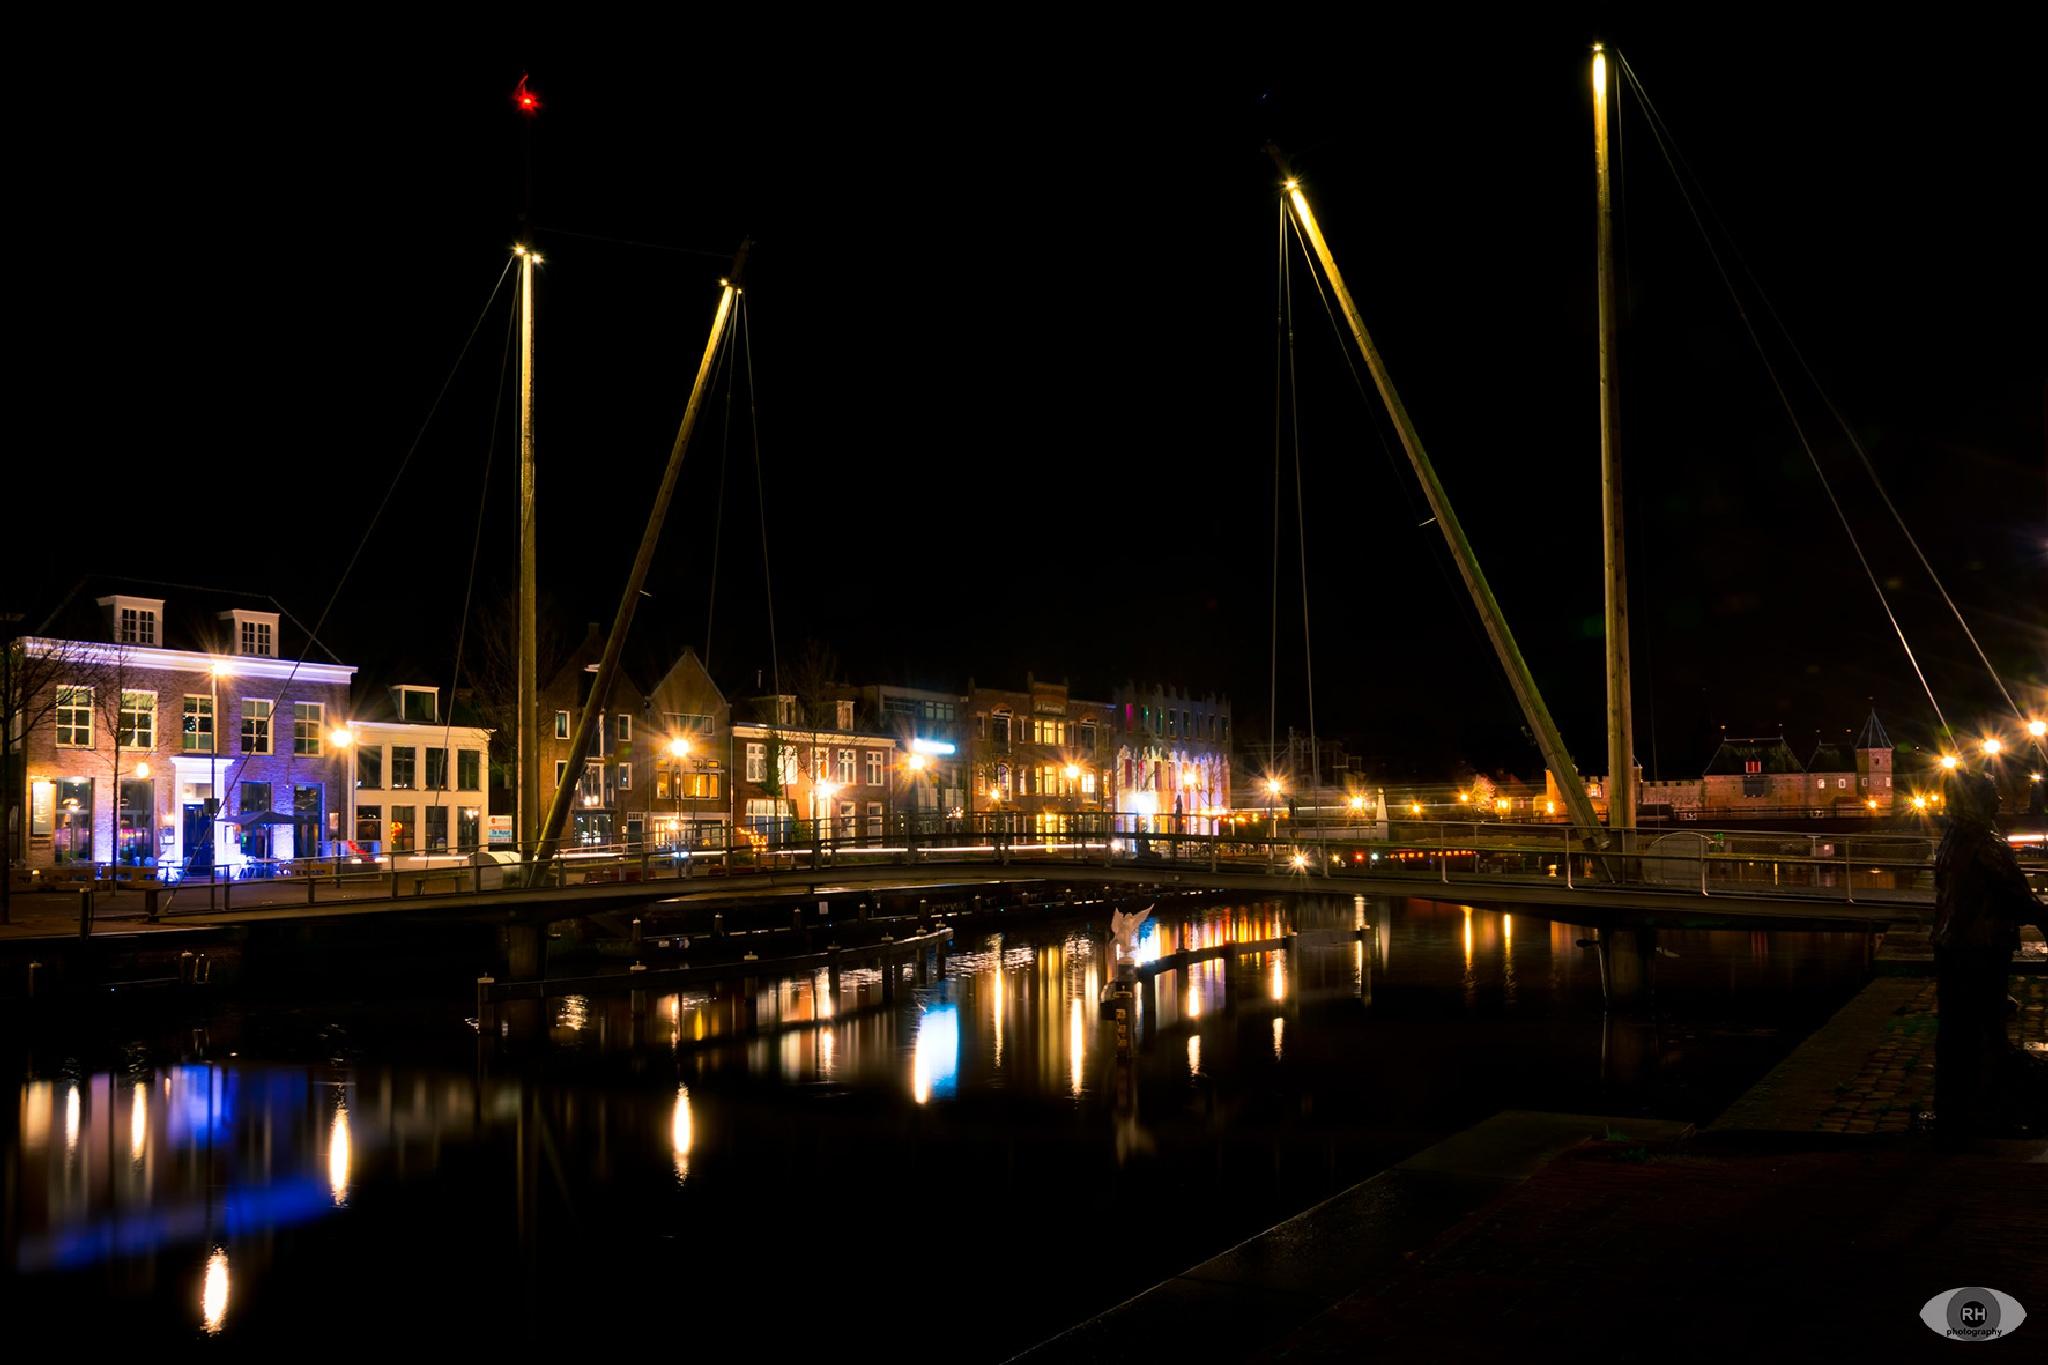 Eemhaven Amersfoort by rhphotography